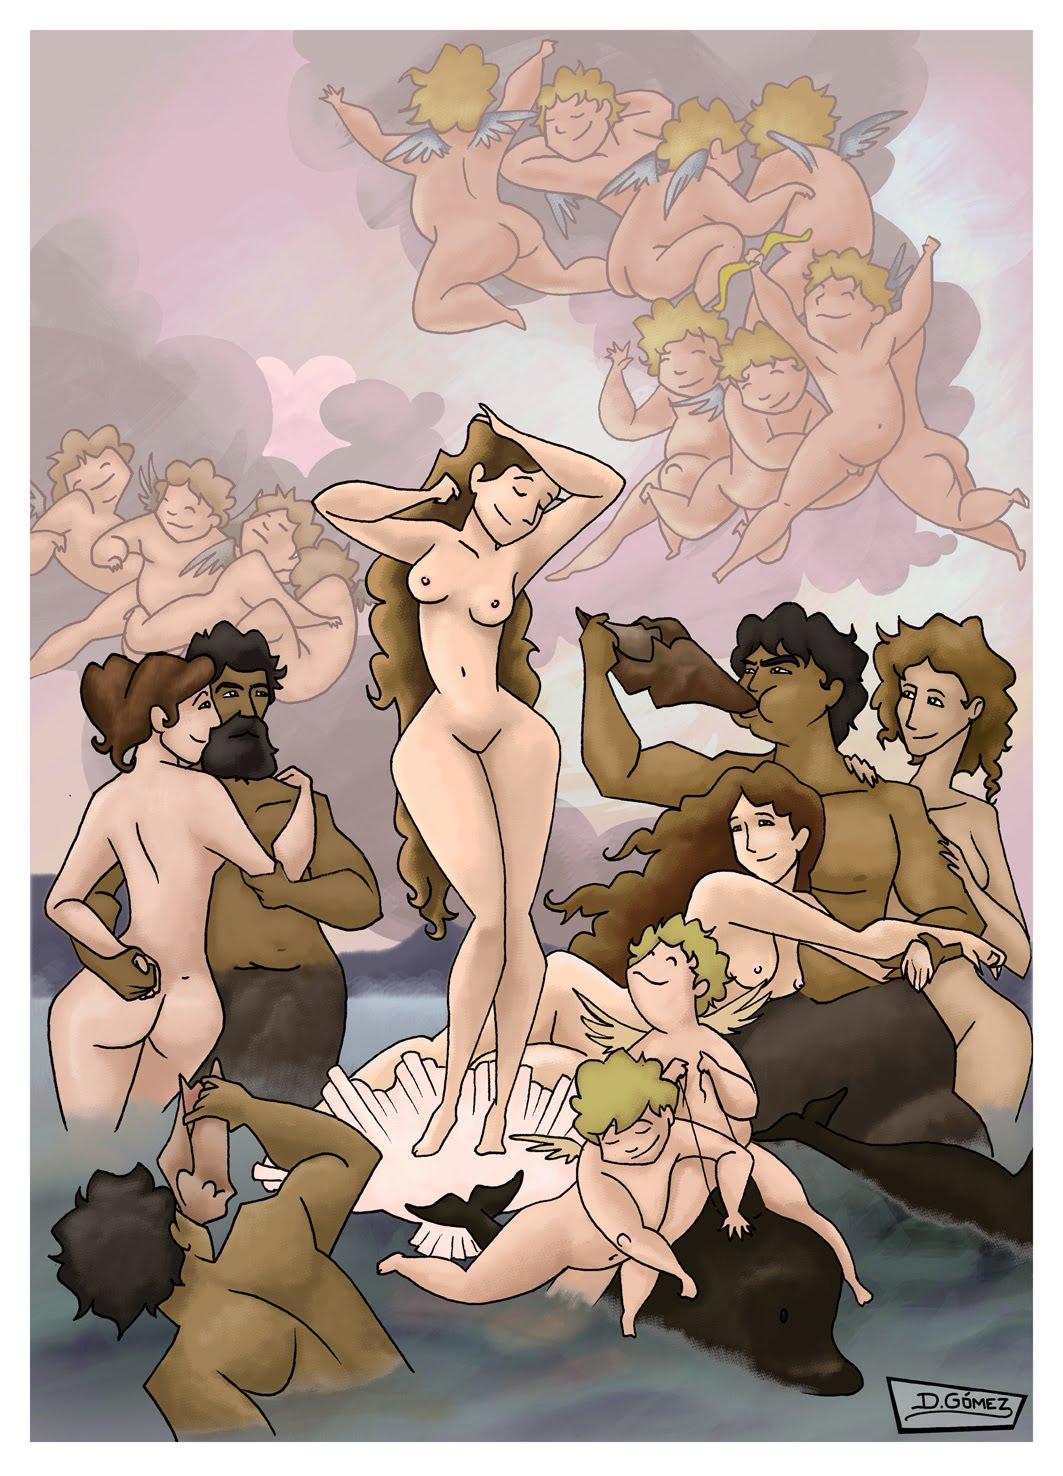 http://2.bp.blogspot.com/_L4fVi-0AGNE/TB9HNn1quII/AAAAAAAAAgc/rRsJoUjzwX8/s1600/Nacimiento+de+Venus+de+Bouguereau.jpg